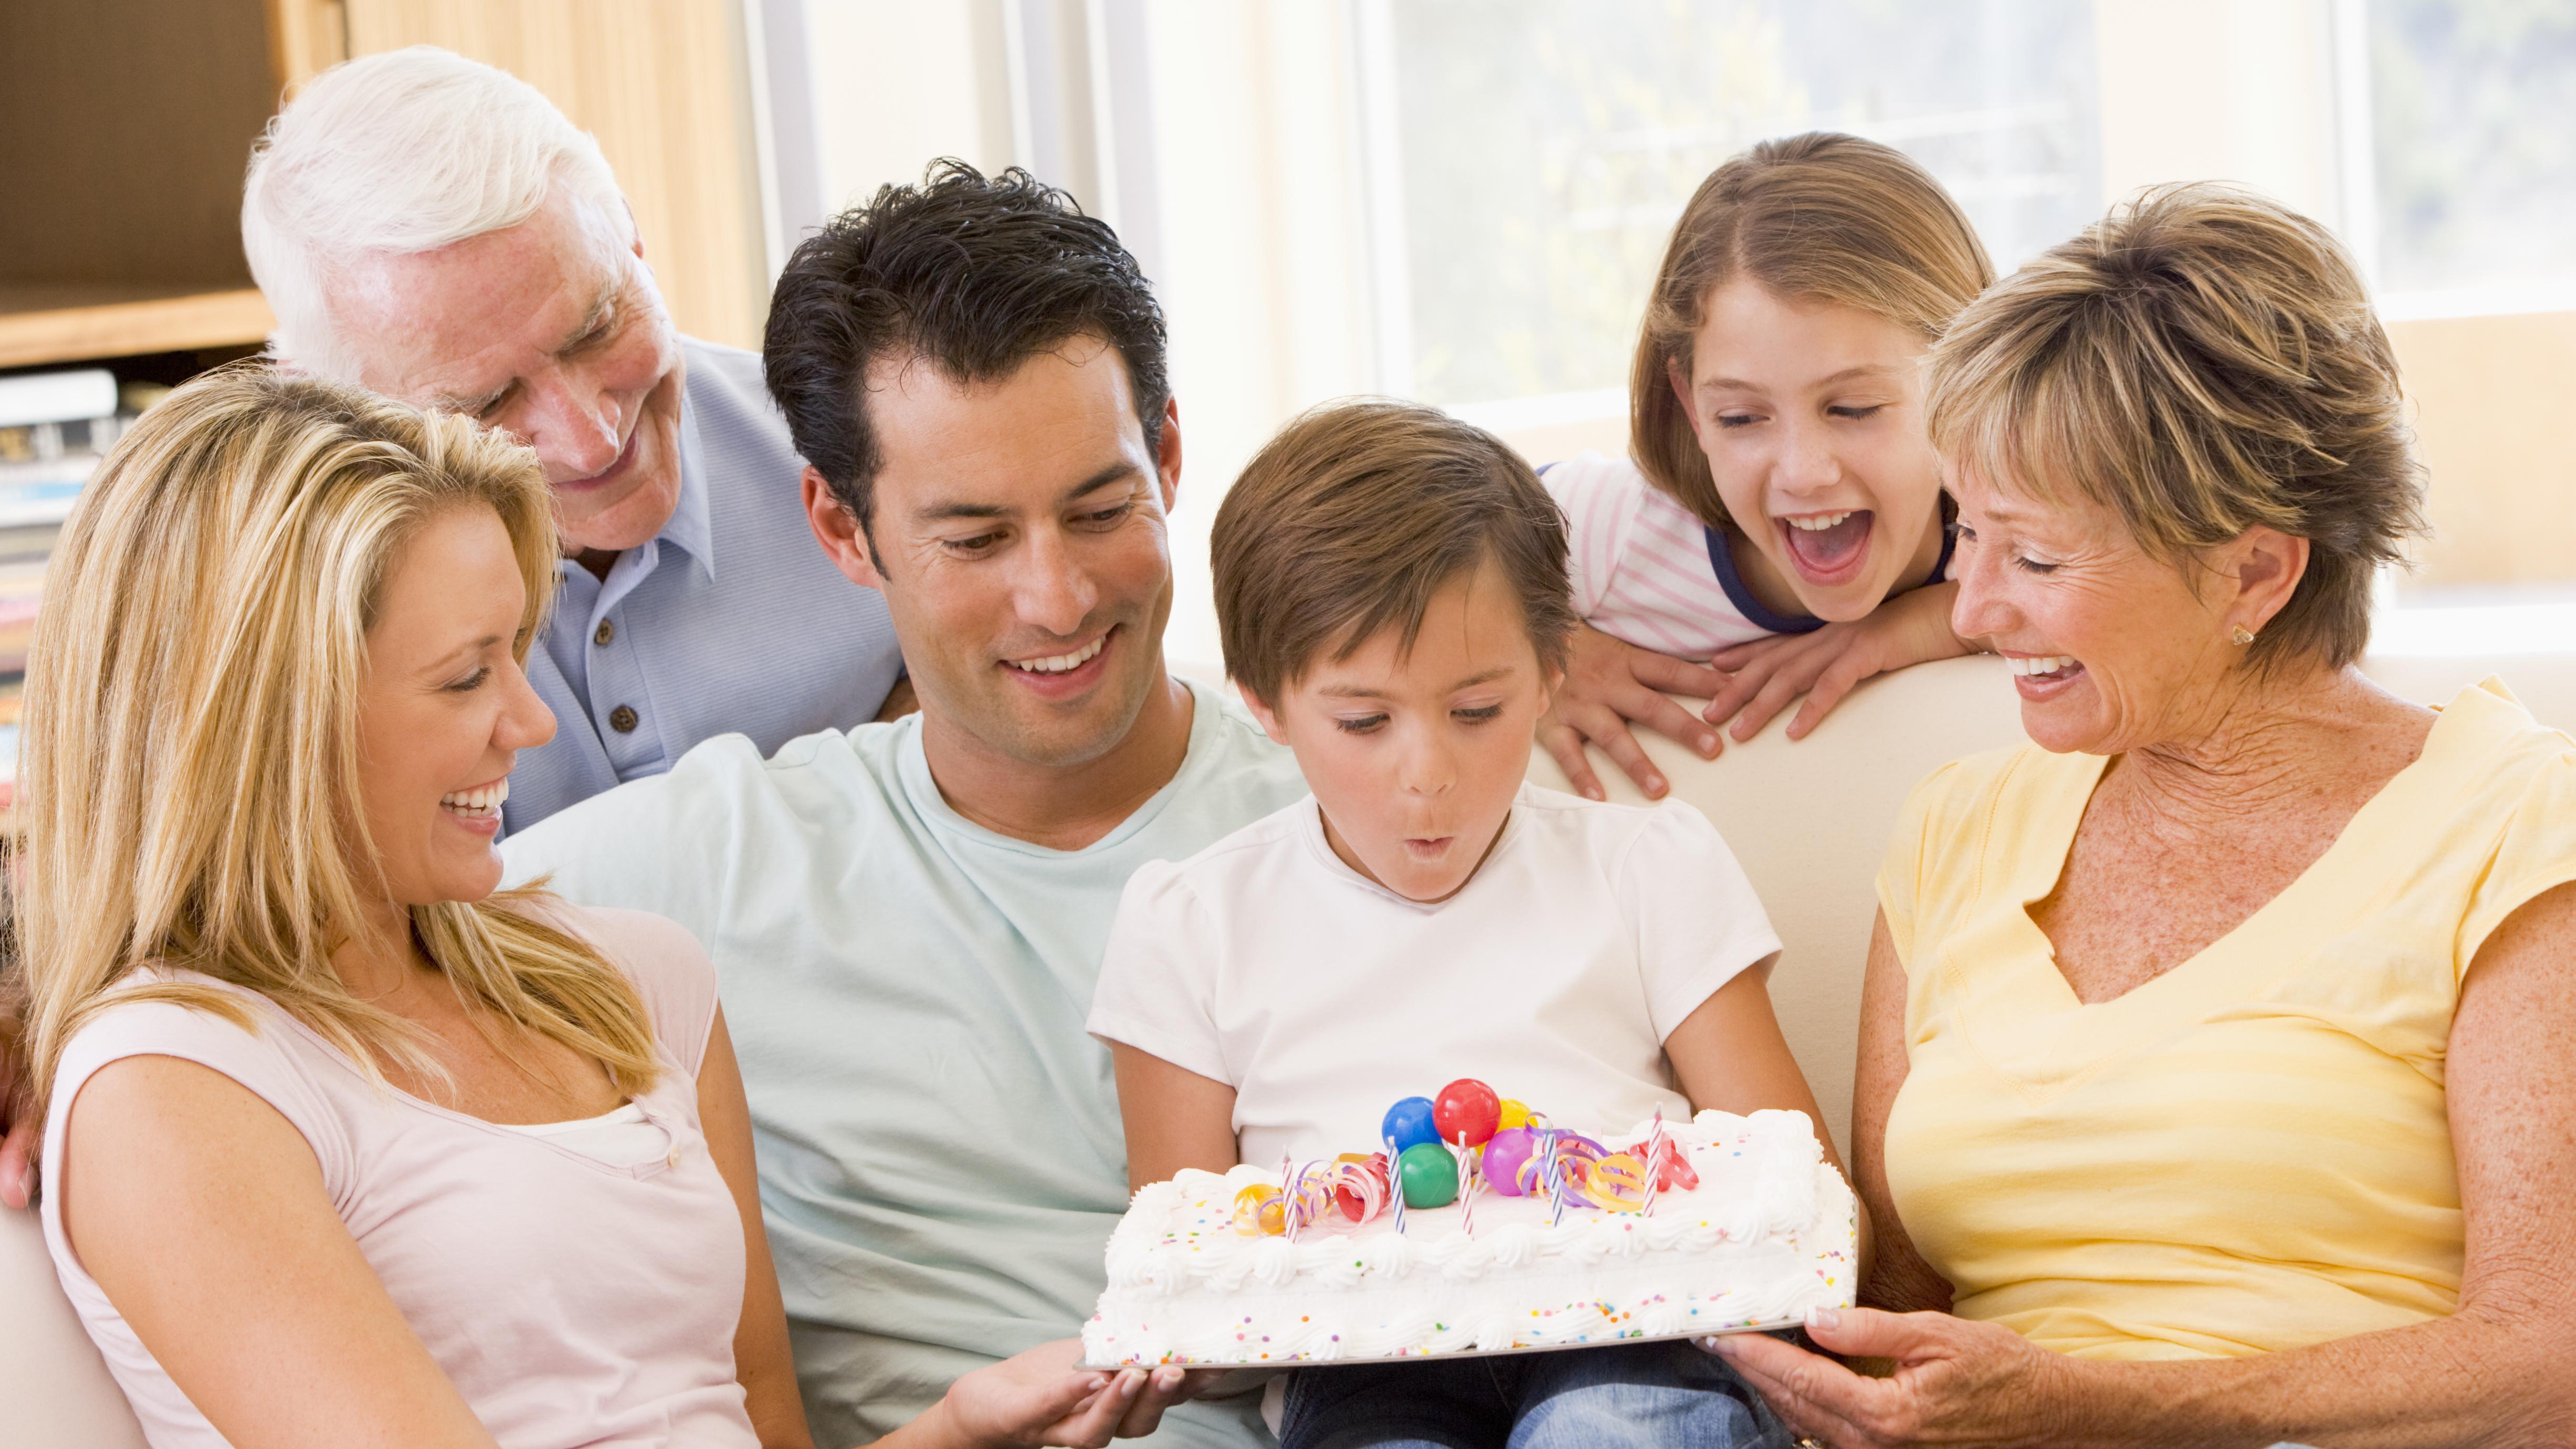 Vi tror stadig på myten om den perfekte familie | Lev nu | DR